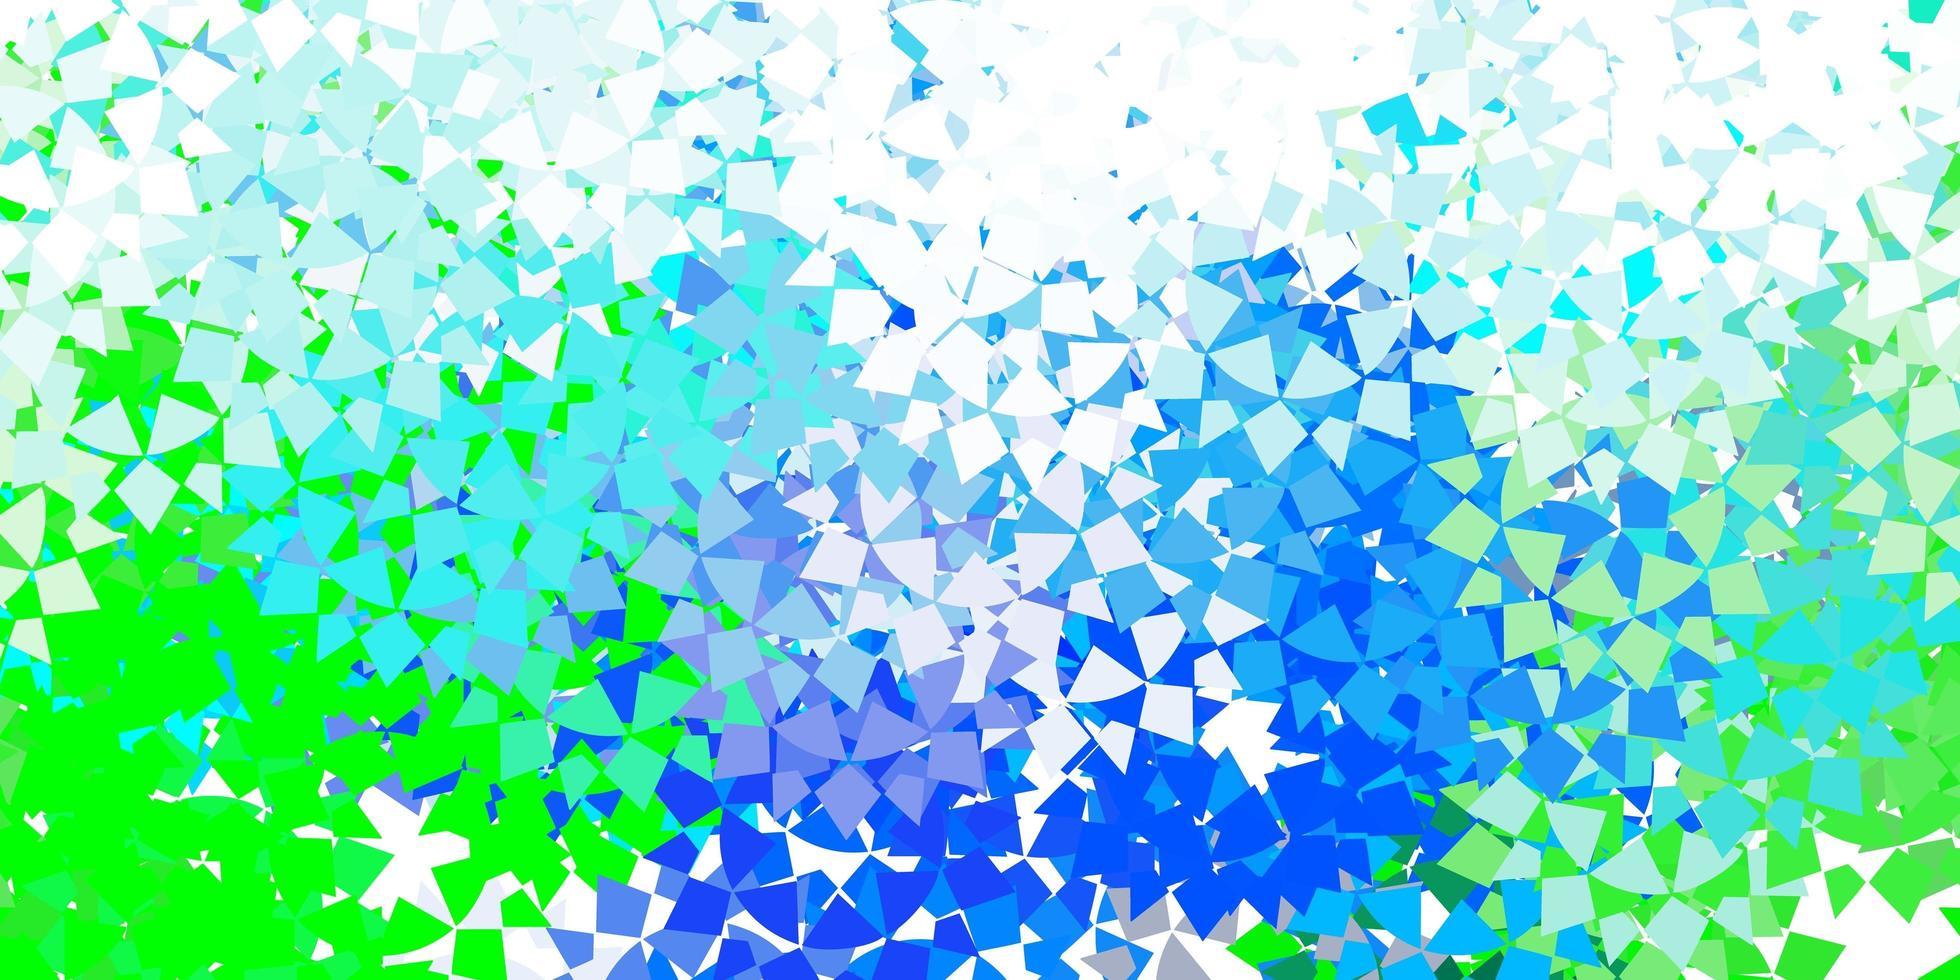 lichtblauwe vectorachtergrond met lijnen, driehoeken. vector